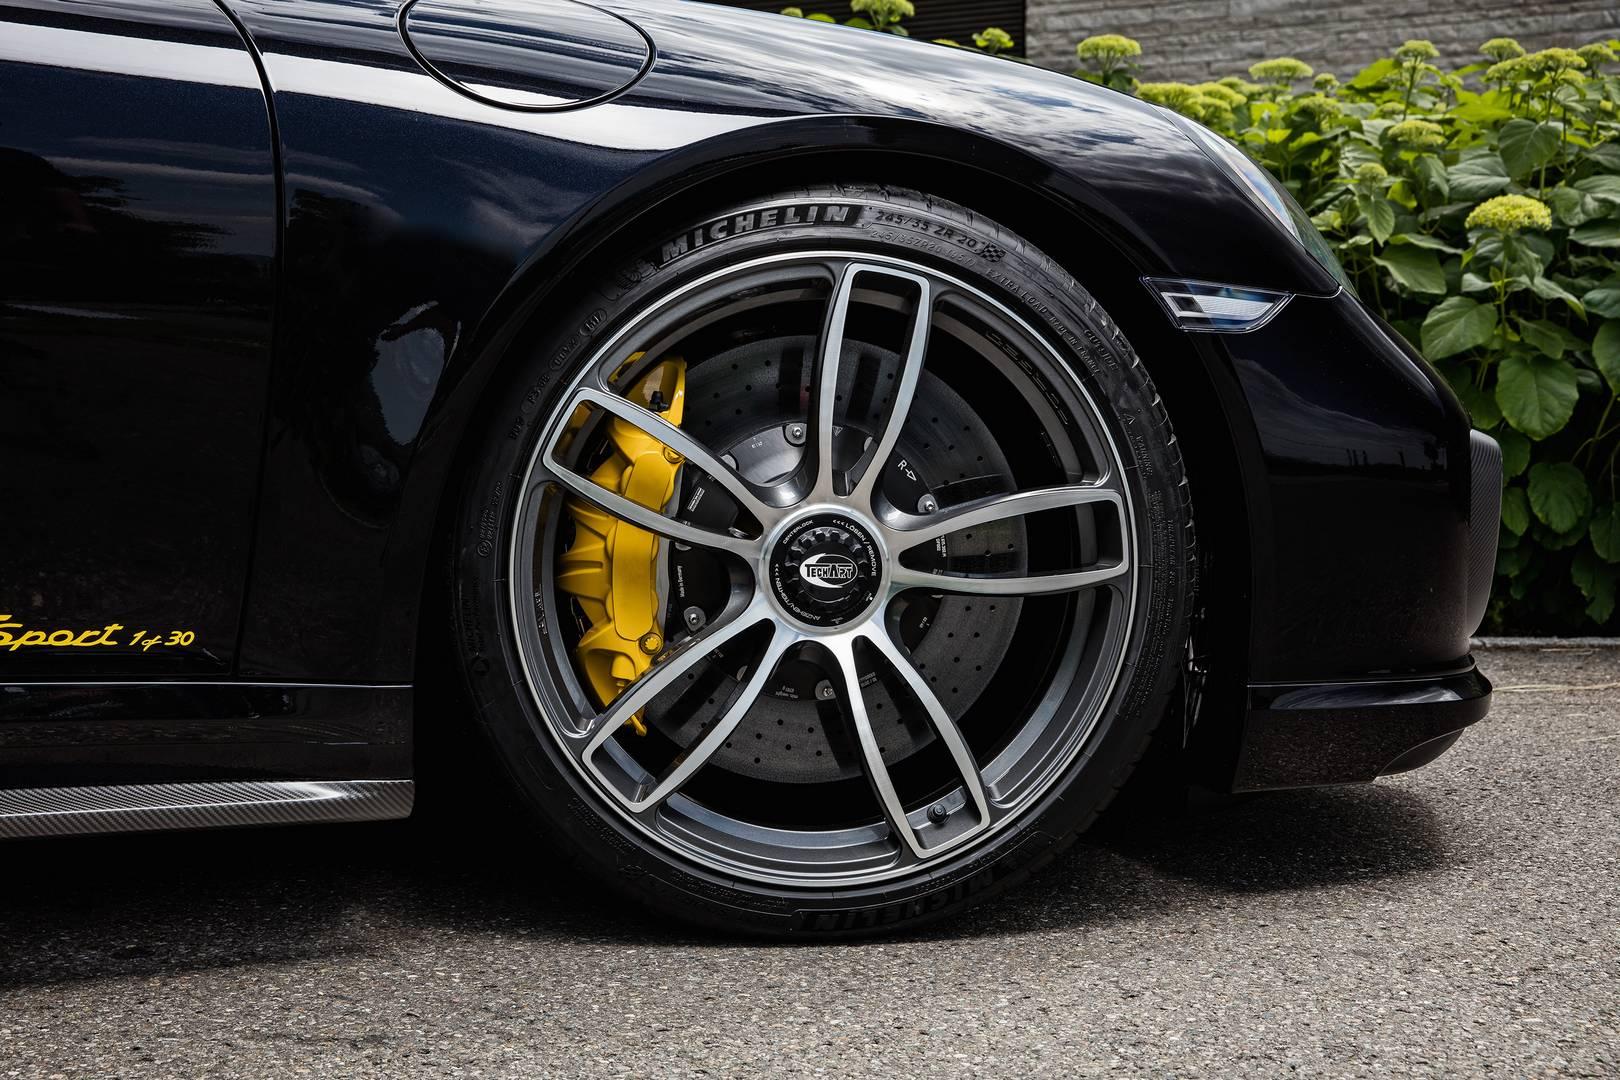 Techart GTSport Wheels